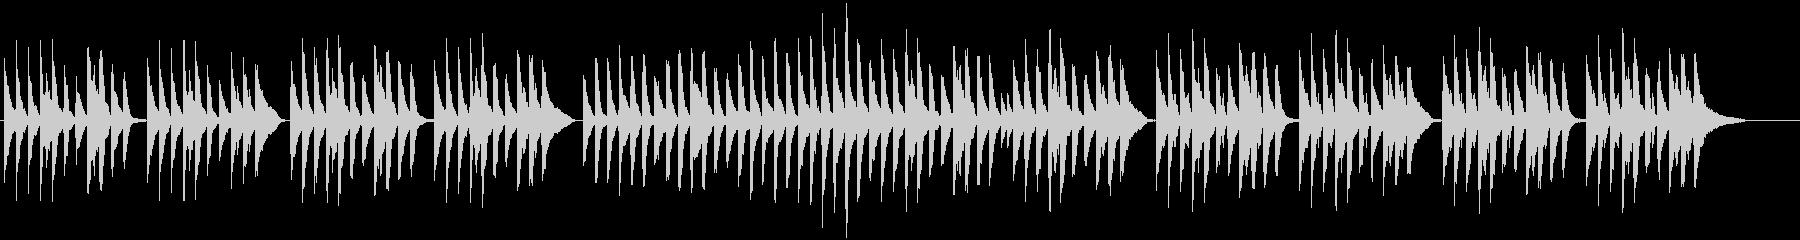 ピアノとピチカートの可愛いワルツの未再生の波形